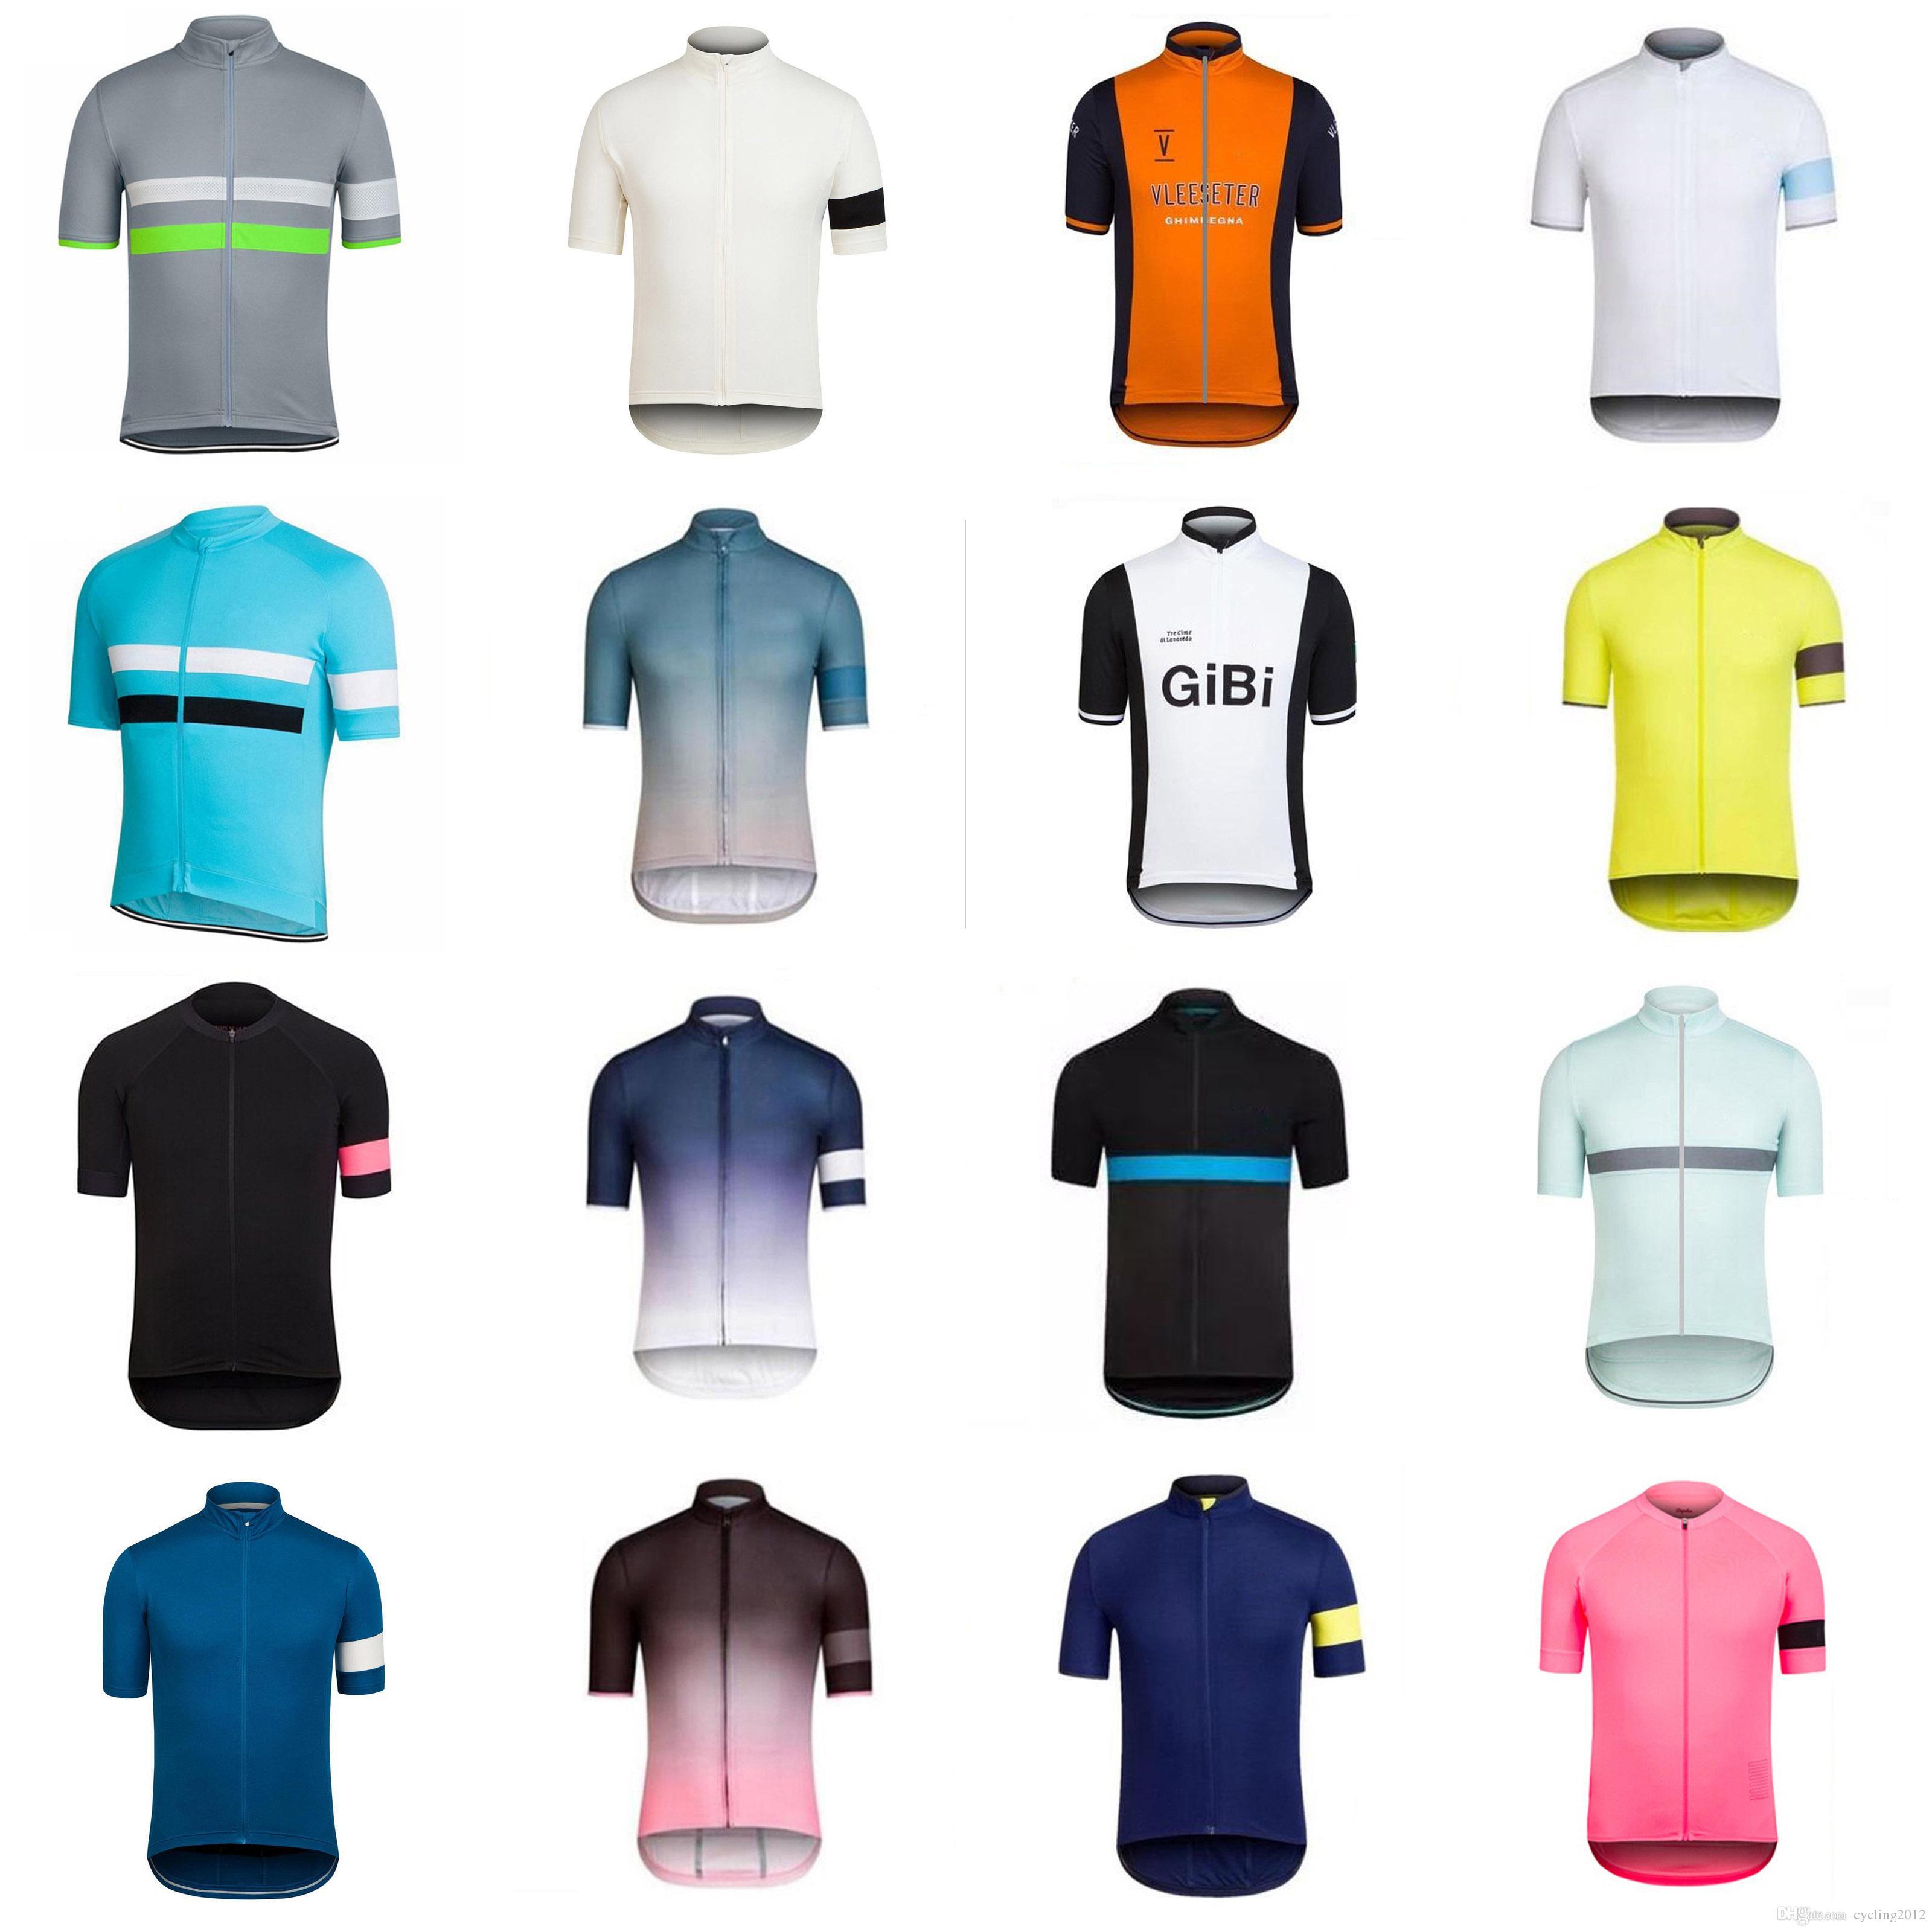 Rapha 2018 мужская команда велосипед с коротким рукавом / без рукавов Джерси жилет велосипедные рубашки Летняя велосипеда дышащая быстрый сухой F1113